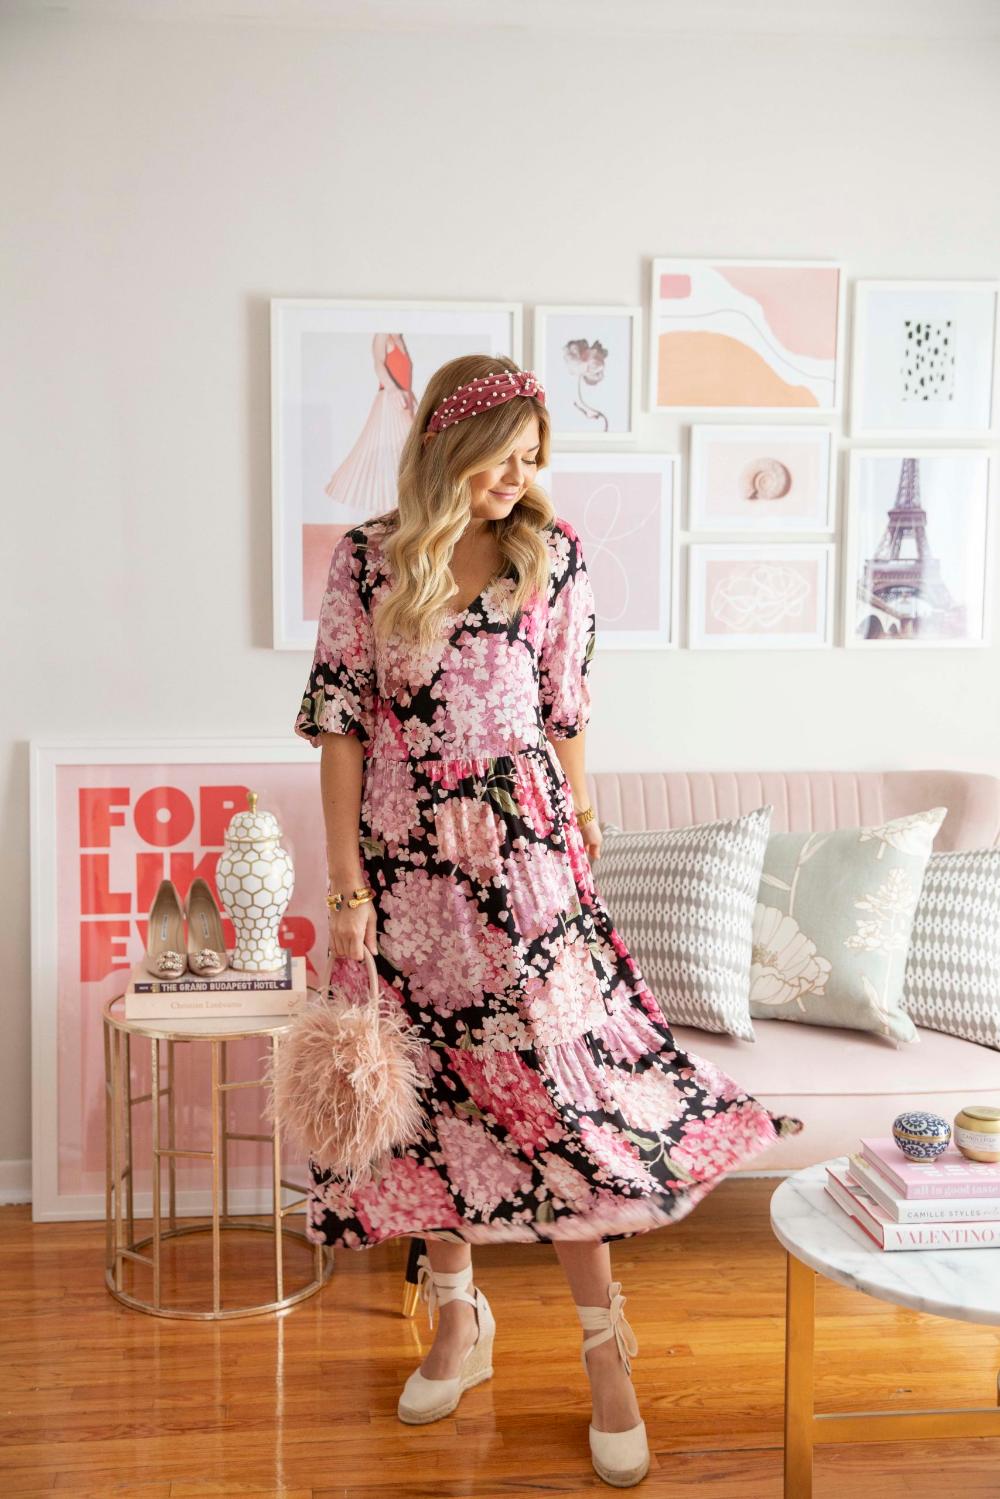 Floral Smock Dress - Krystin Lee